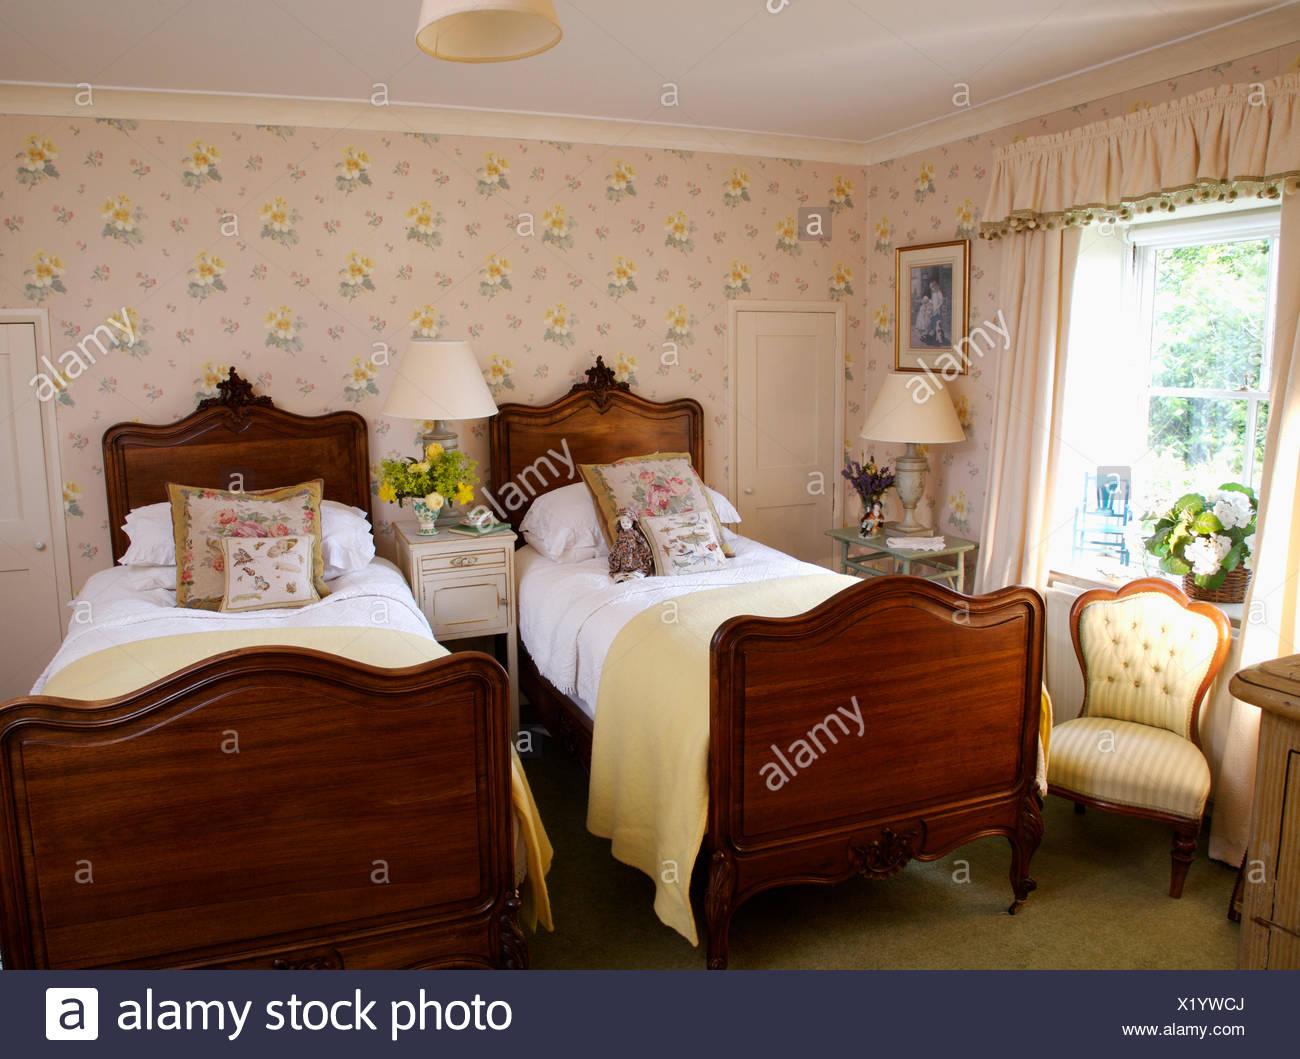 Arazzo cuscini e coperte di crema su letti antichi letti in ...